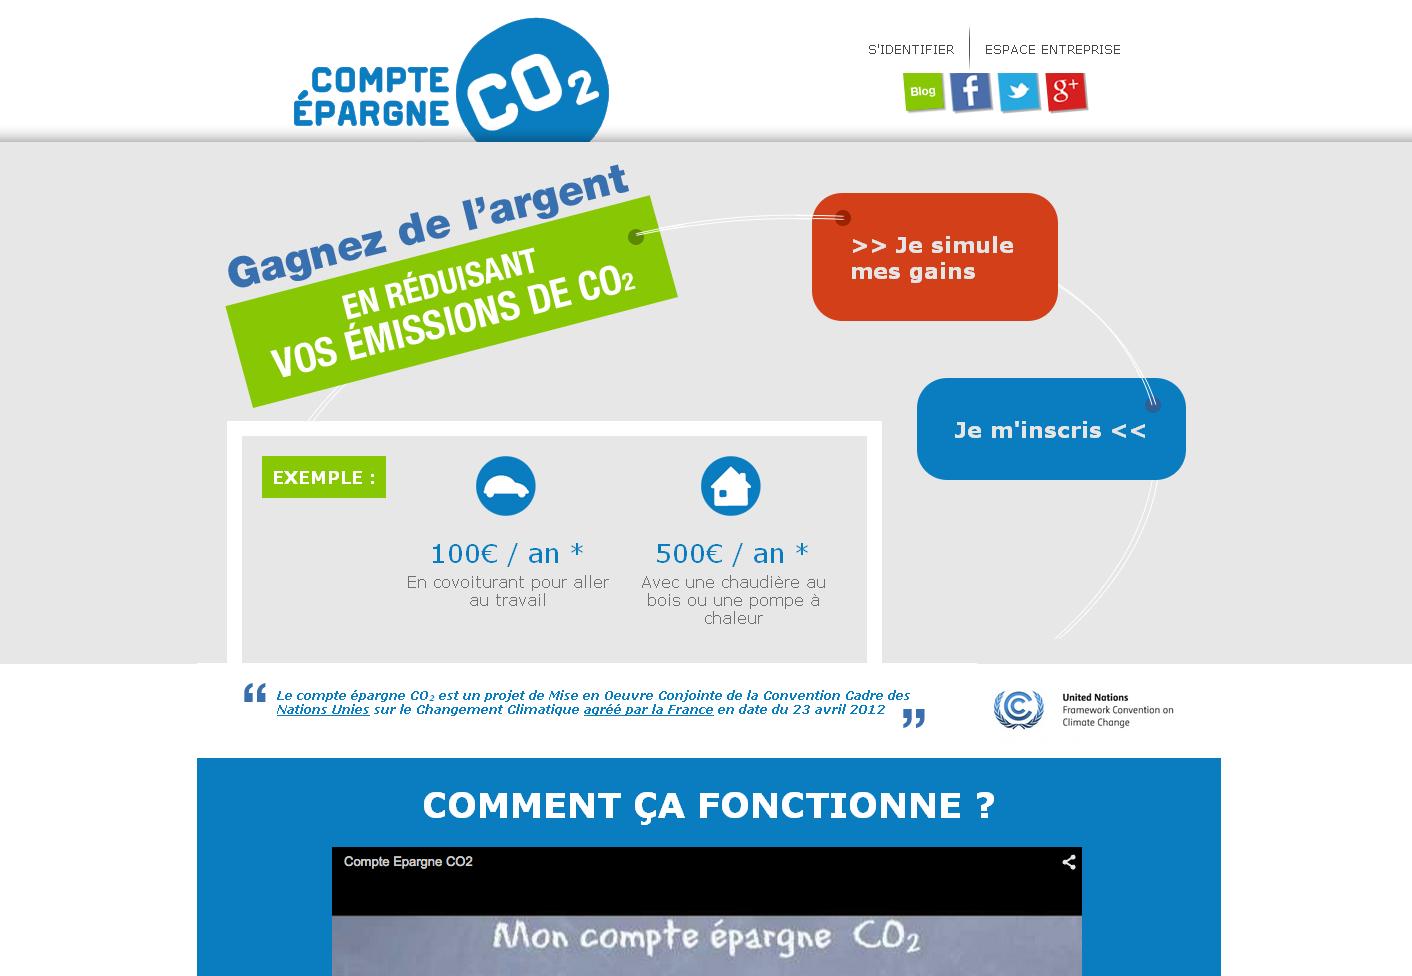 Jusqu'à présent 4000 particuliers ont ouvert un compte, encore loin des 27 millions de ménages français que Jean-Luc Baradat aimerait conquérir. L'entrepreneur espère que son concept agréé par l'Etat soit promu par la France à l'occasion de la COP21.